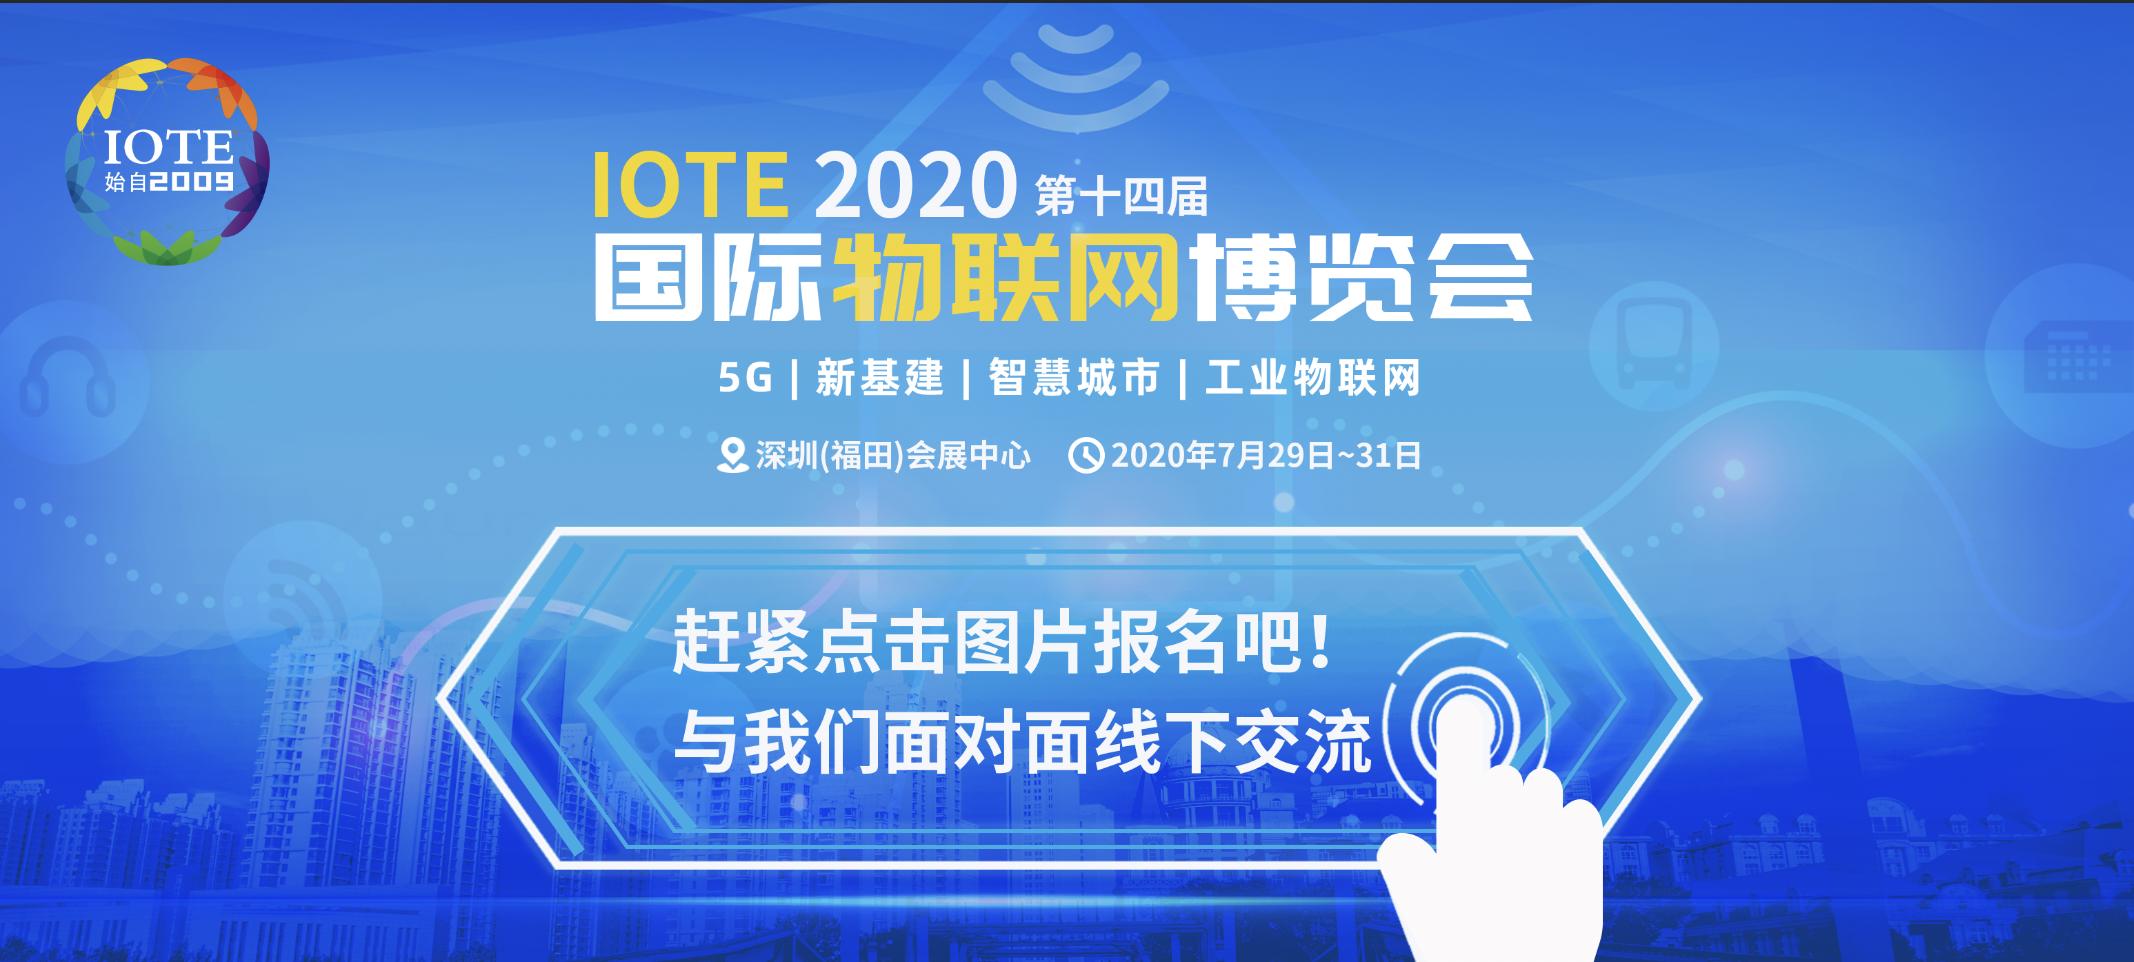 专业机器视觉系统集成商,奥迈视将精彩亮相IOTE2020深圳国际物联网展